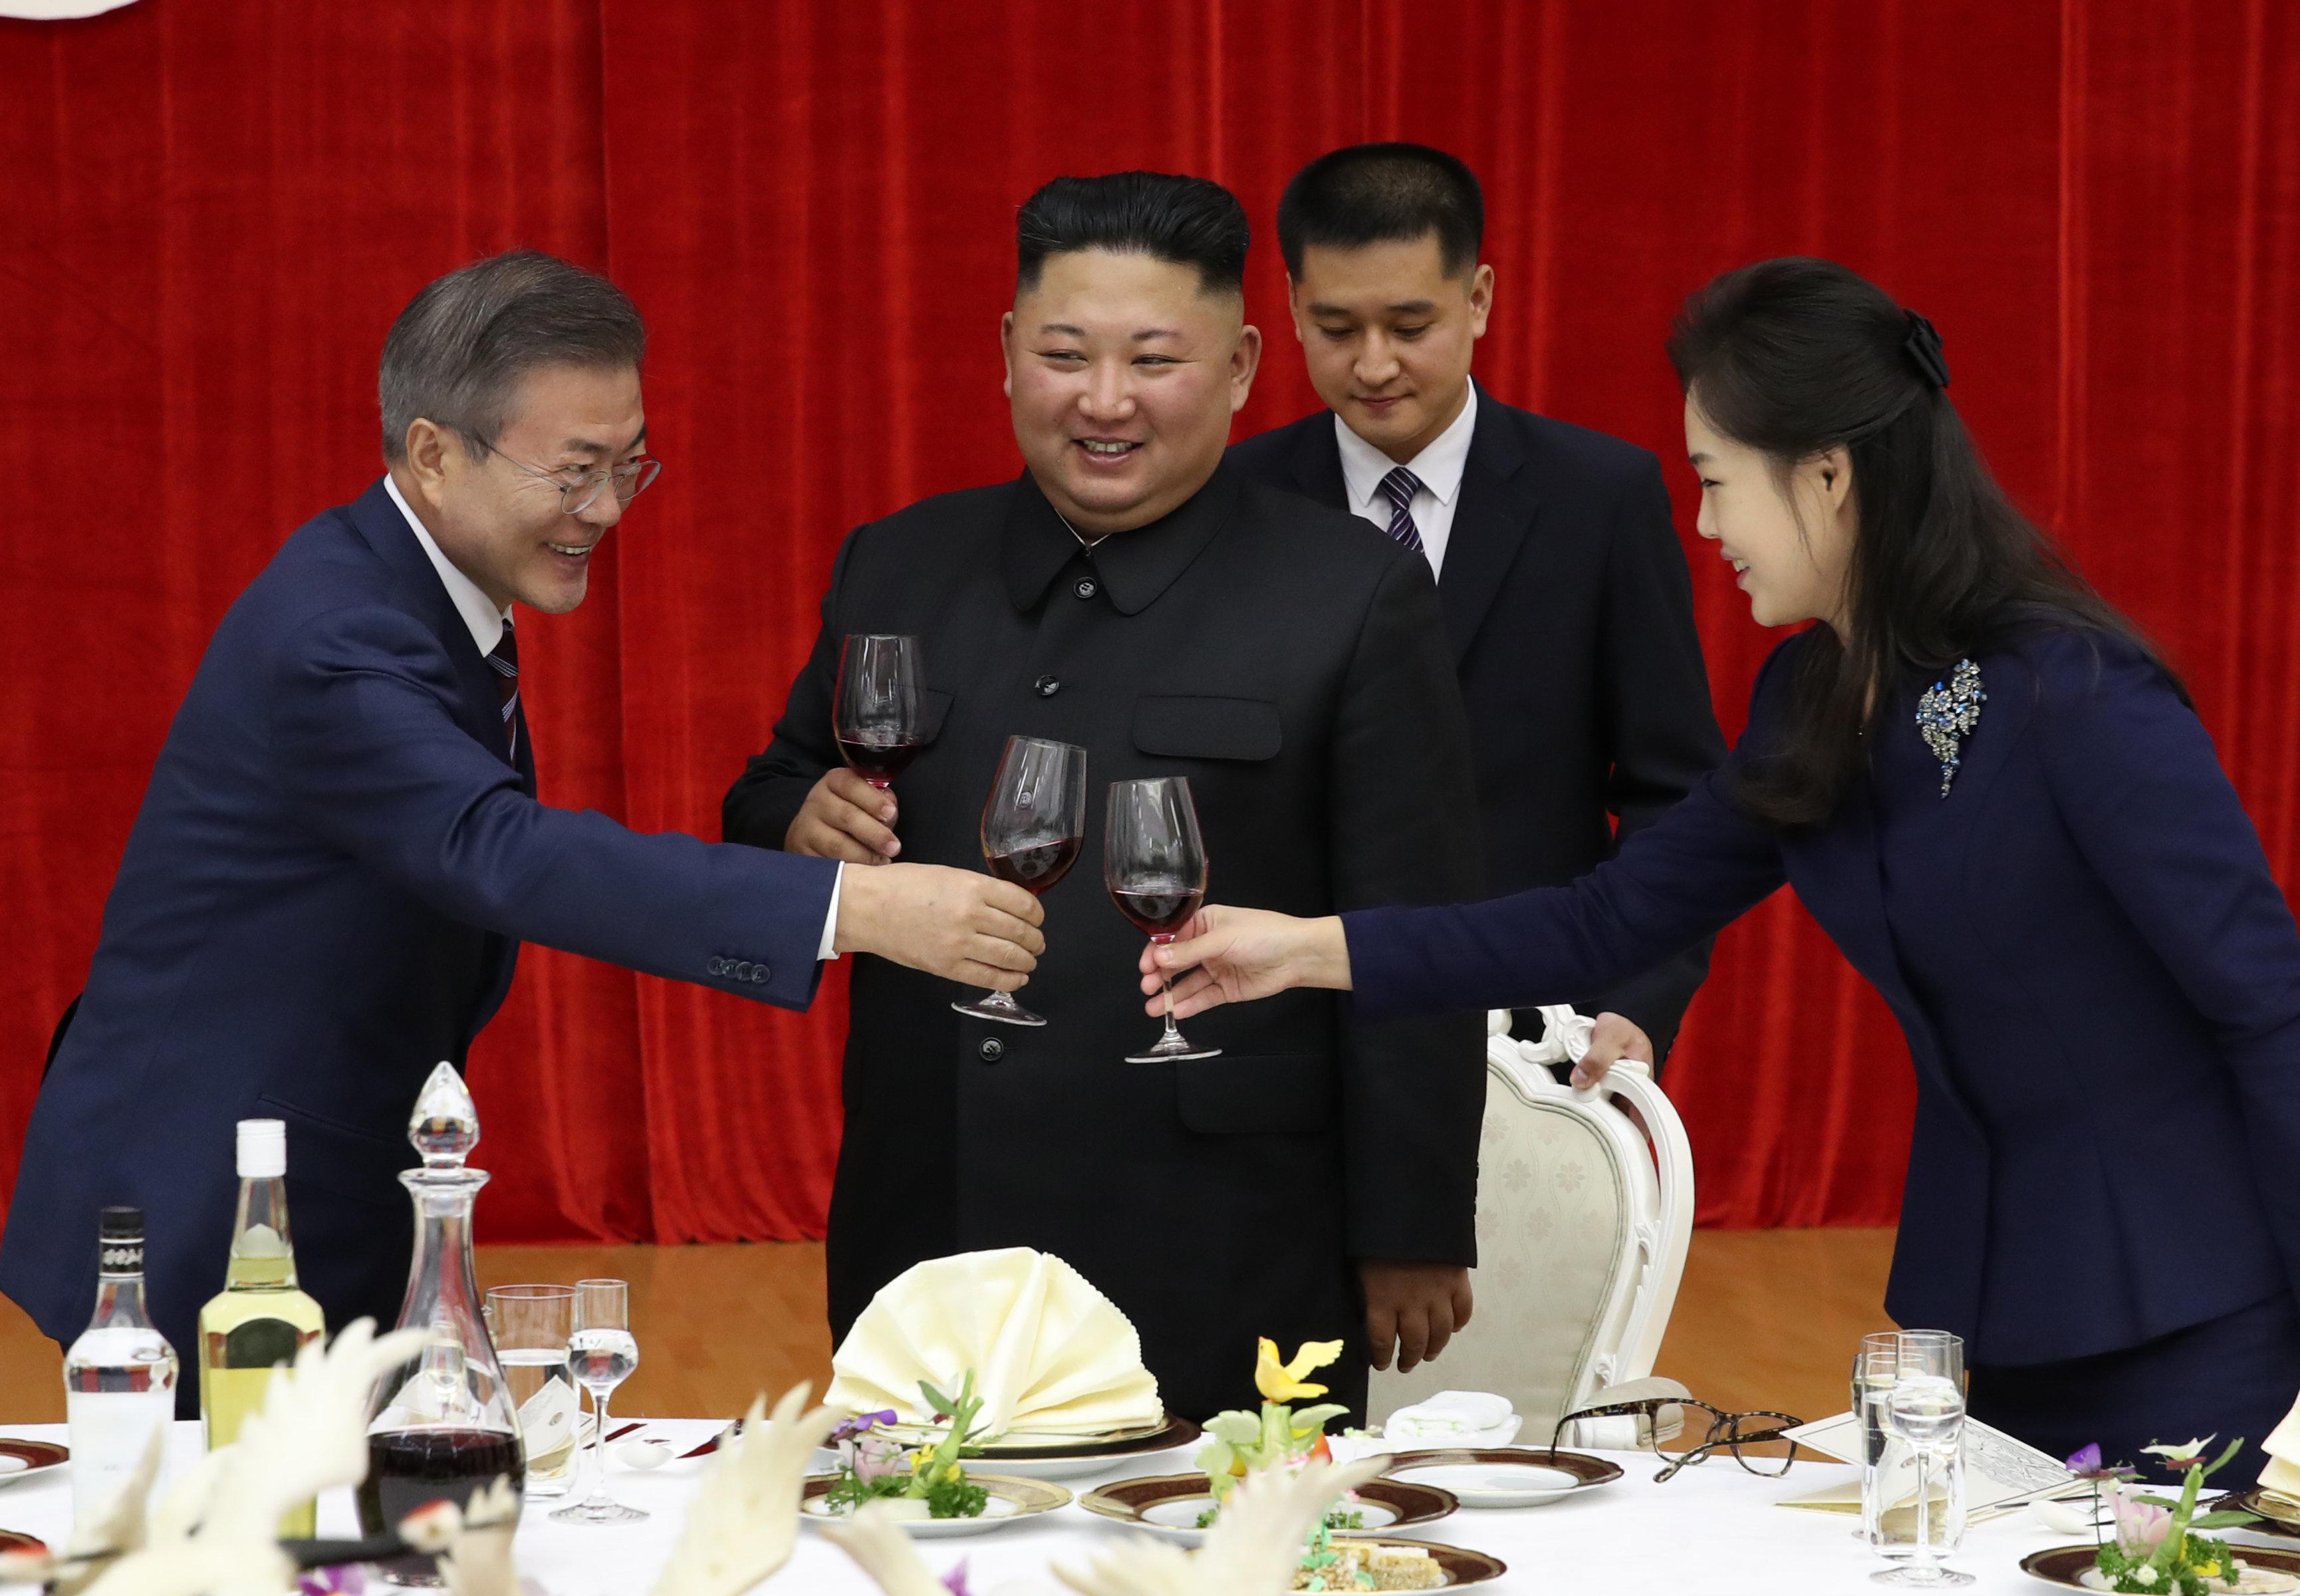 목란관 만찬에서 북한이 준비한 음식 메뉴는 상당히